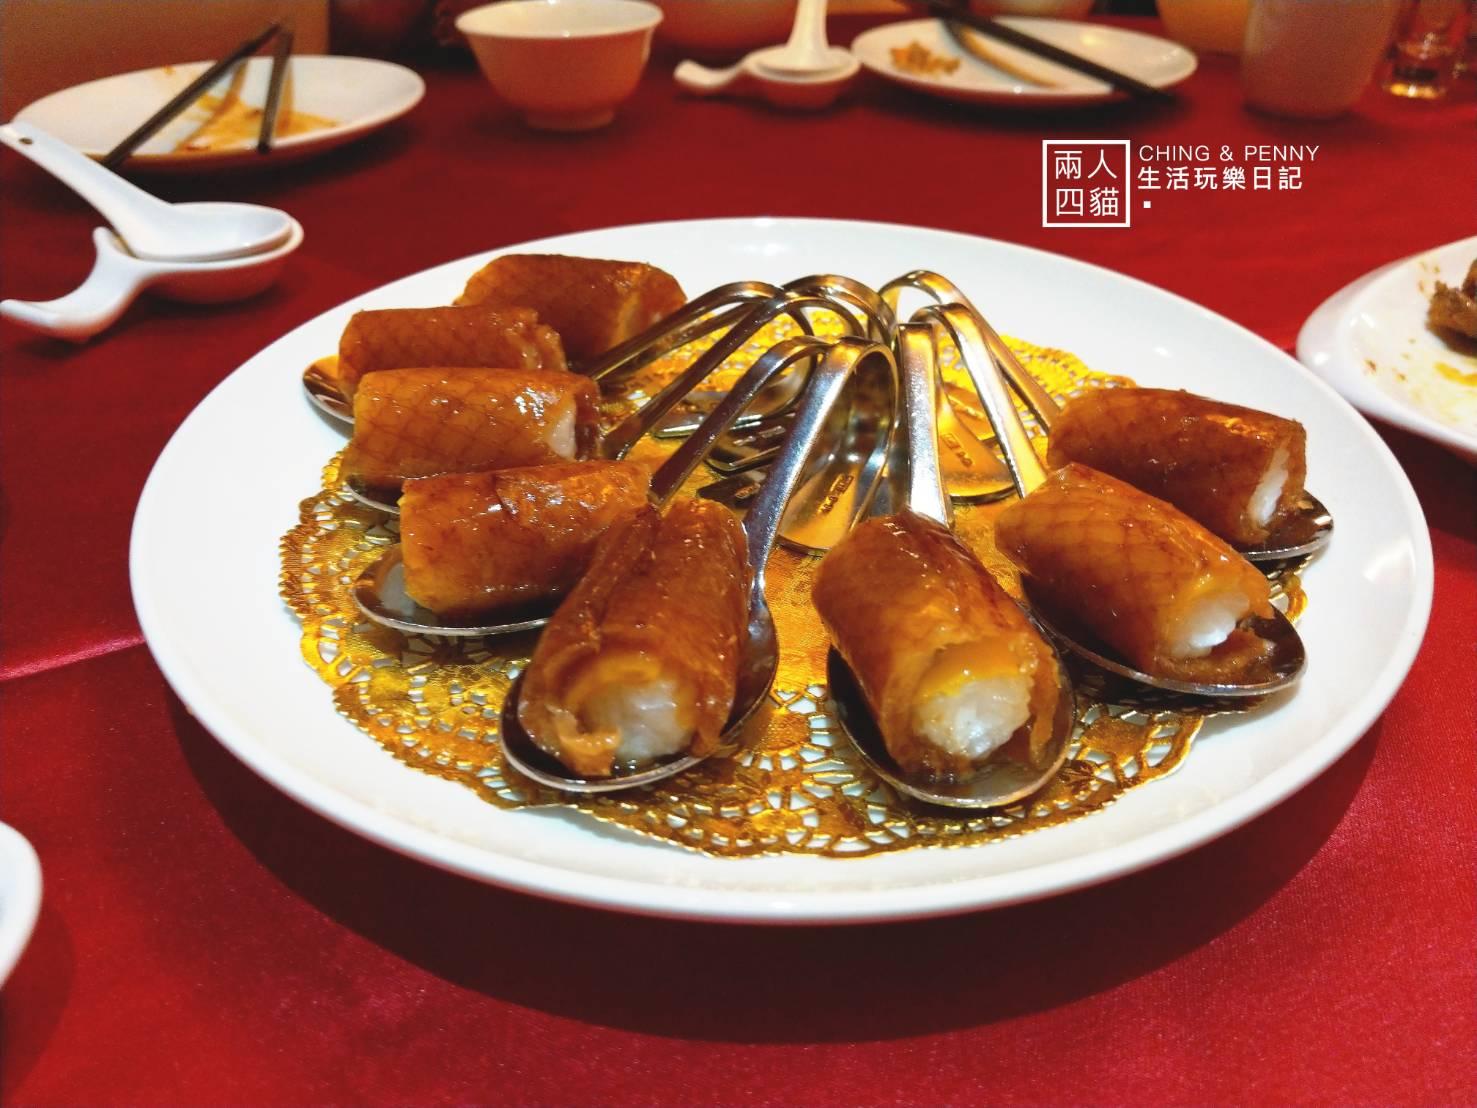 【宜蘭 美食】烤鴨界的LV 風靡中港台的冠軍櫻桃鴨宴『晶英酒店櫻桃鴨』一鴨五吃